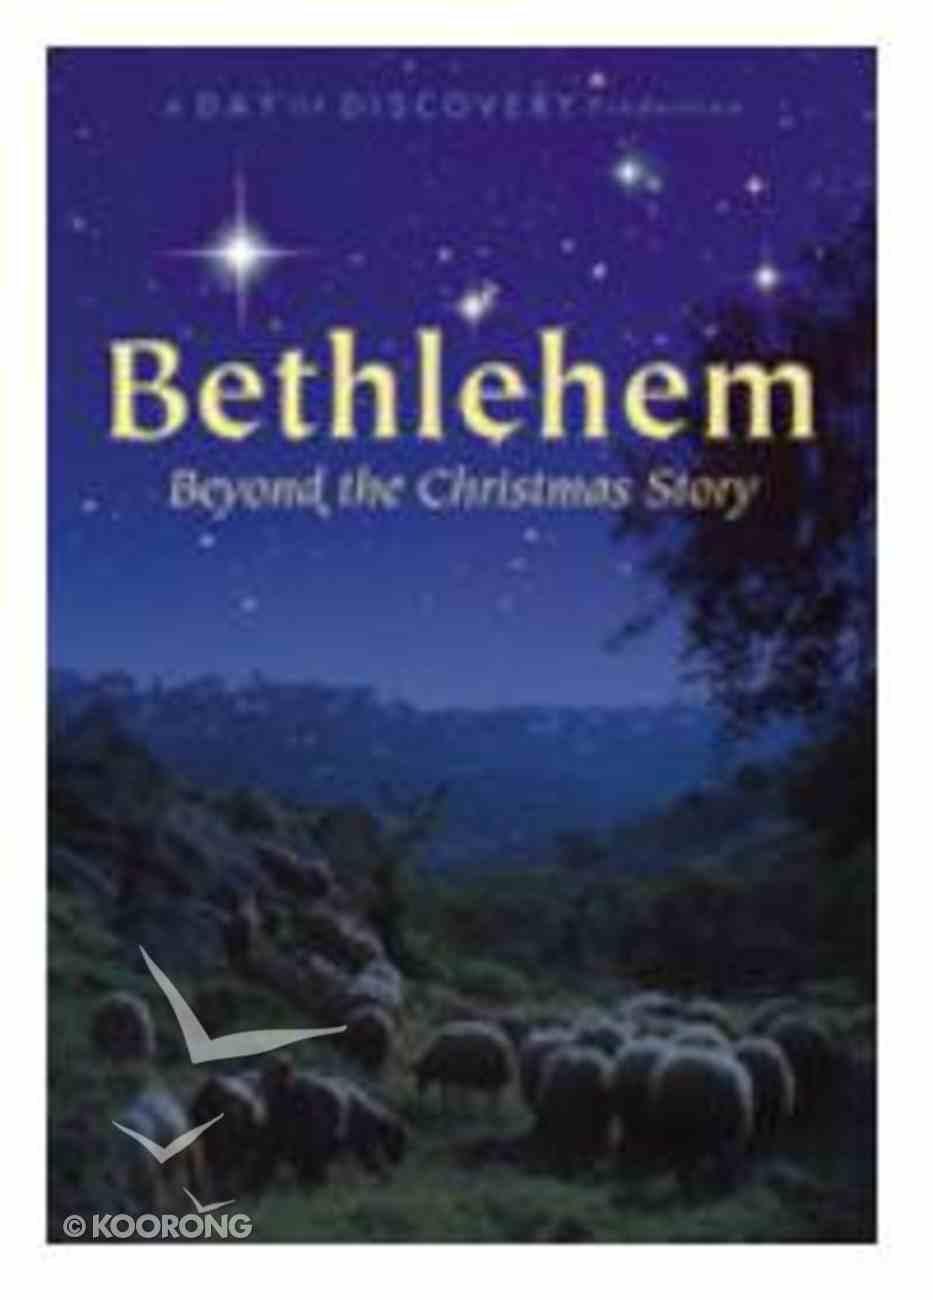 Bethlehem - Beyond the Christmas Story DVD